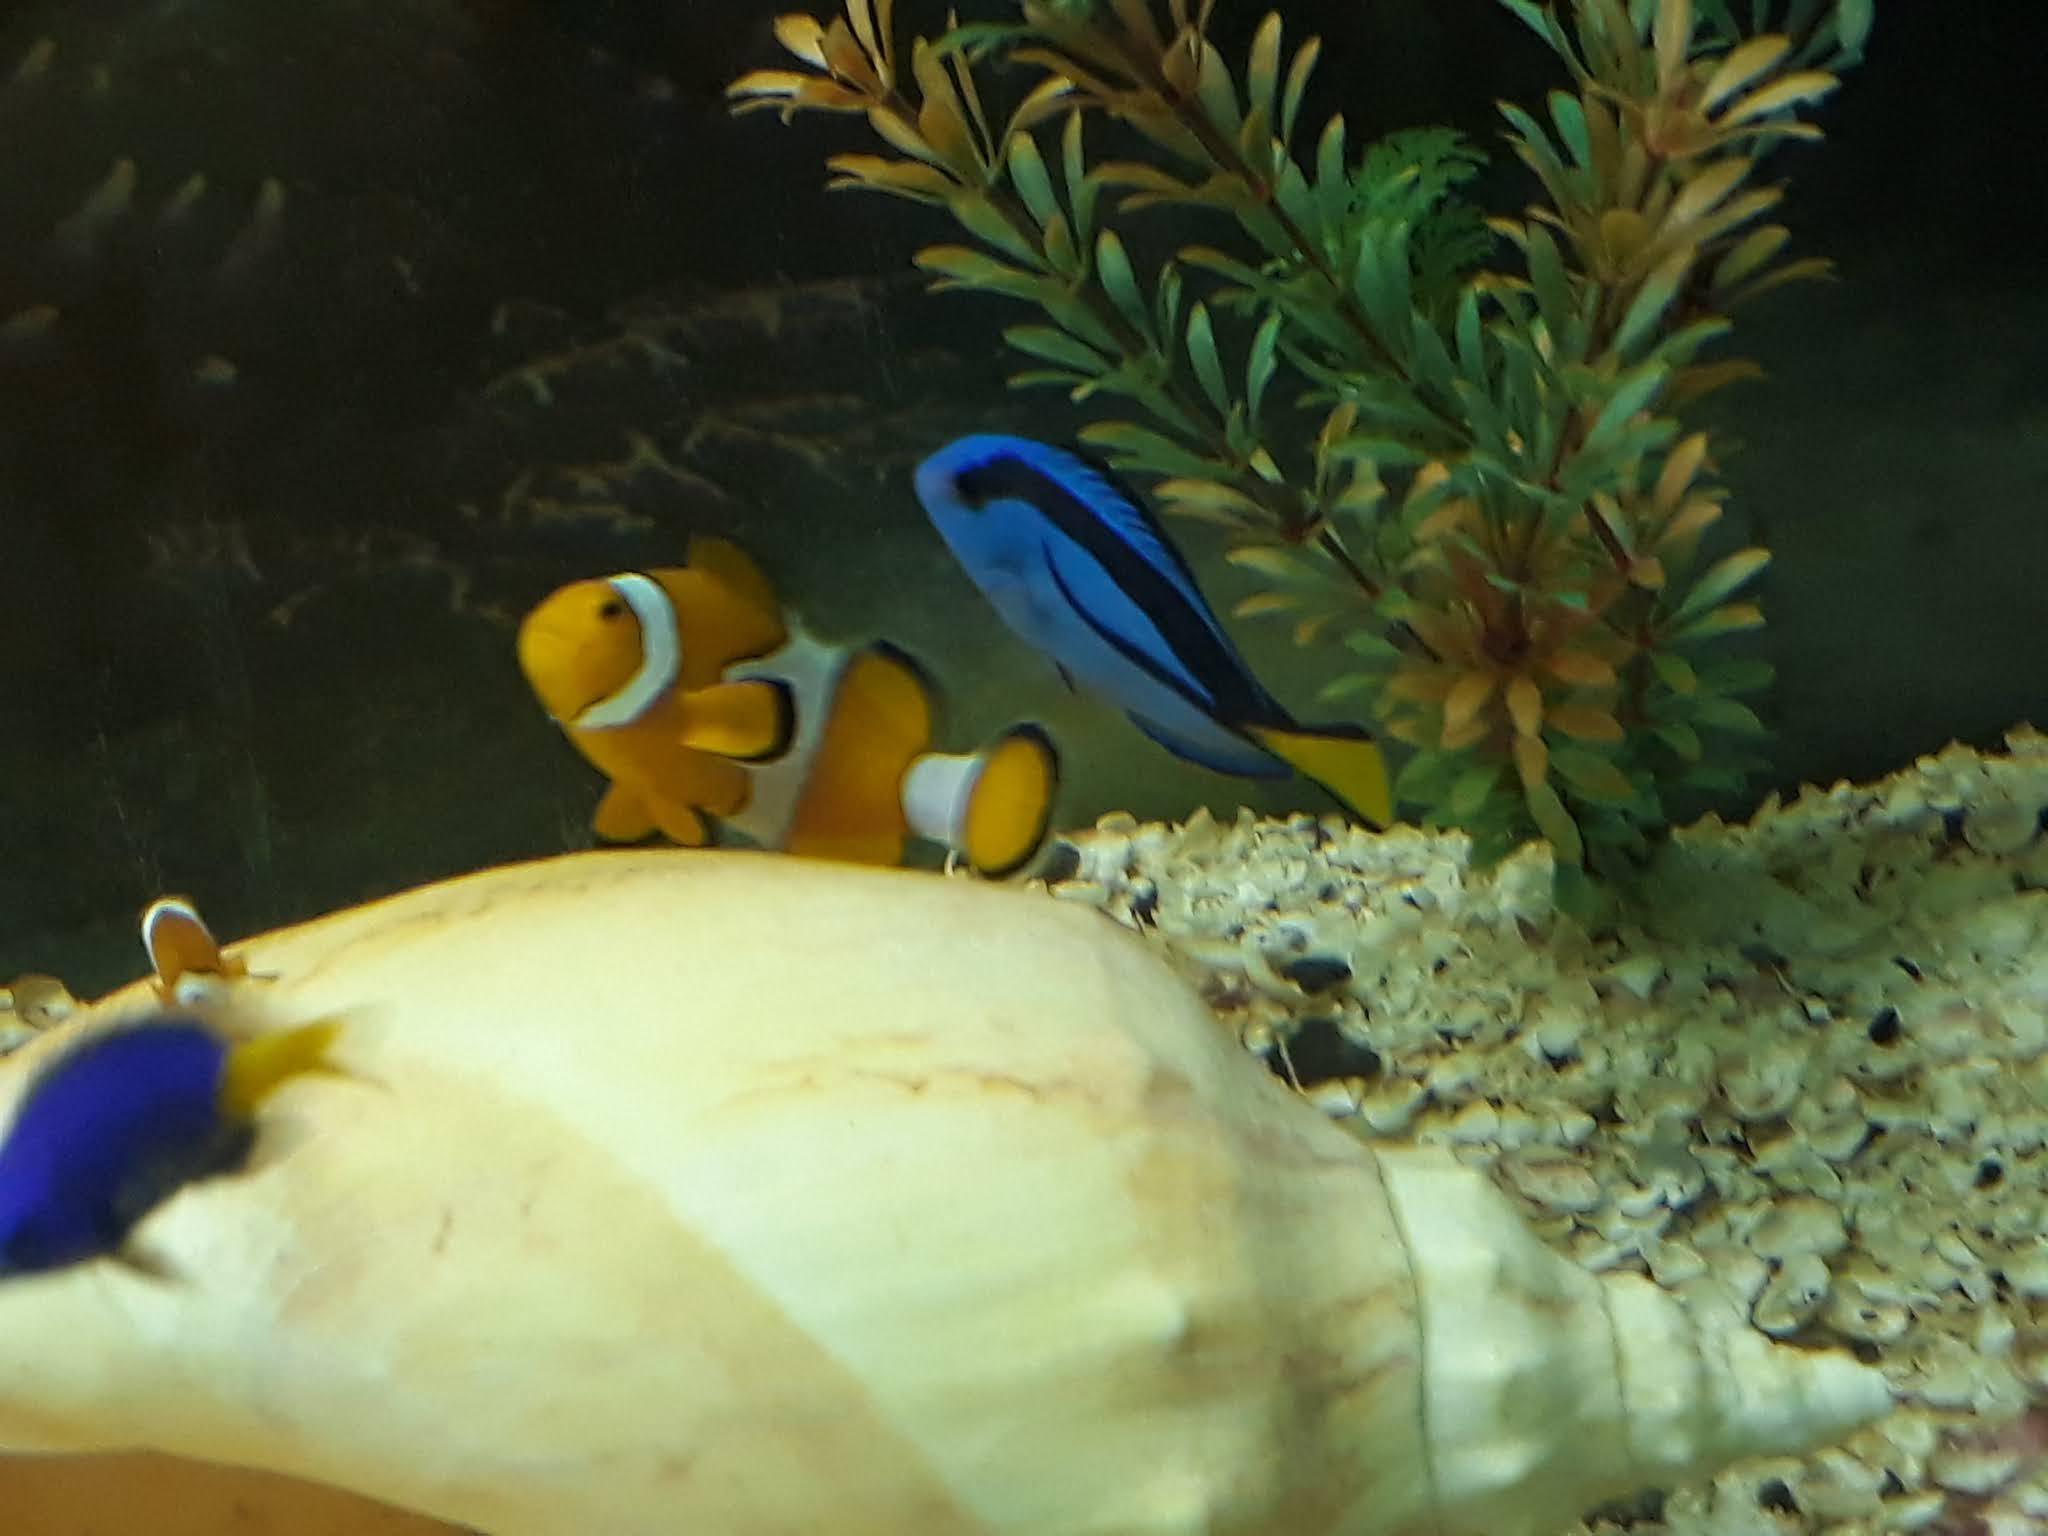 dois peixes de agua doce, um azul e outro laranja